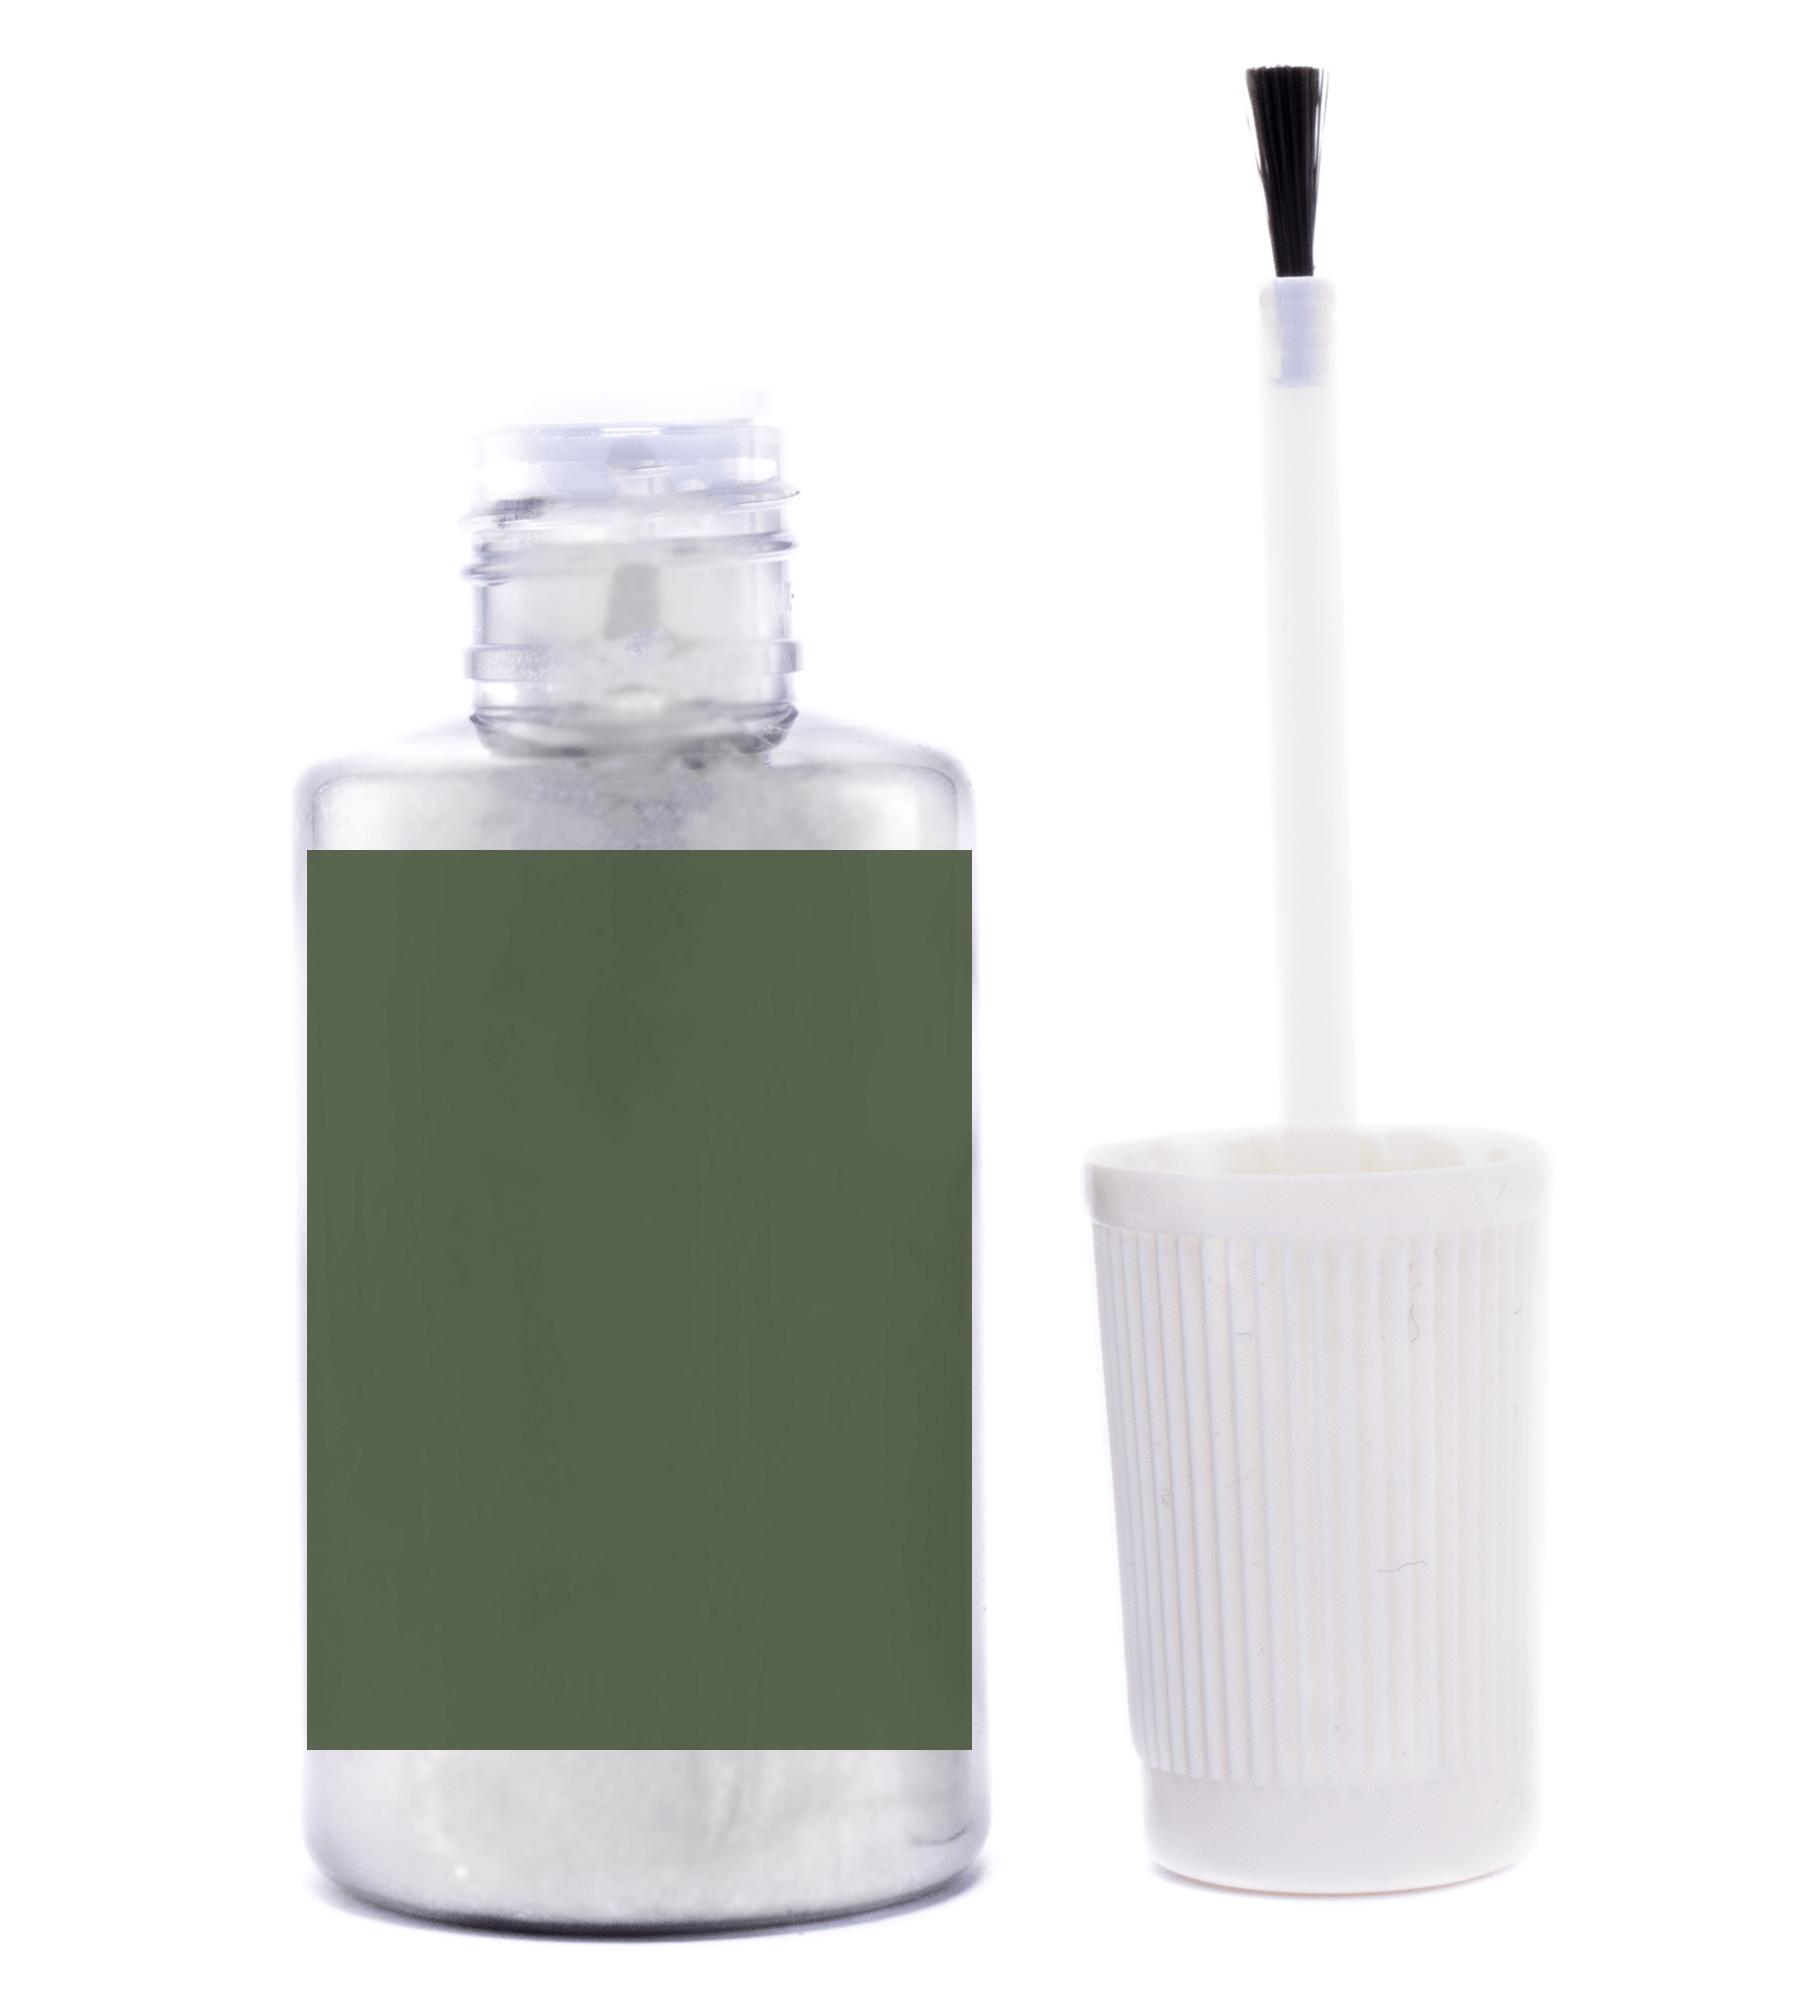 RAL 6003 olive green Lackstift